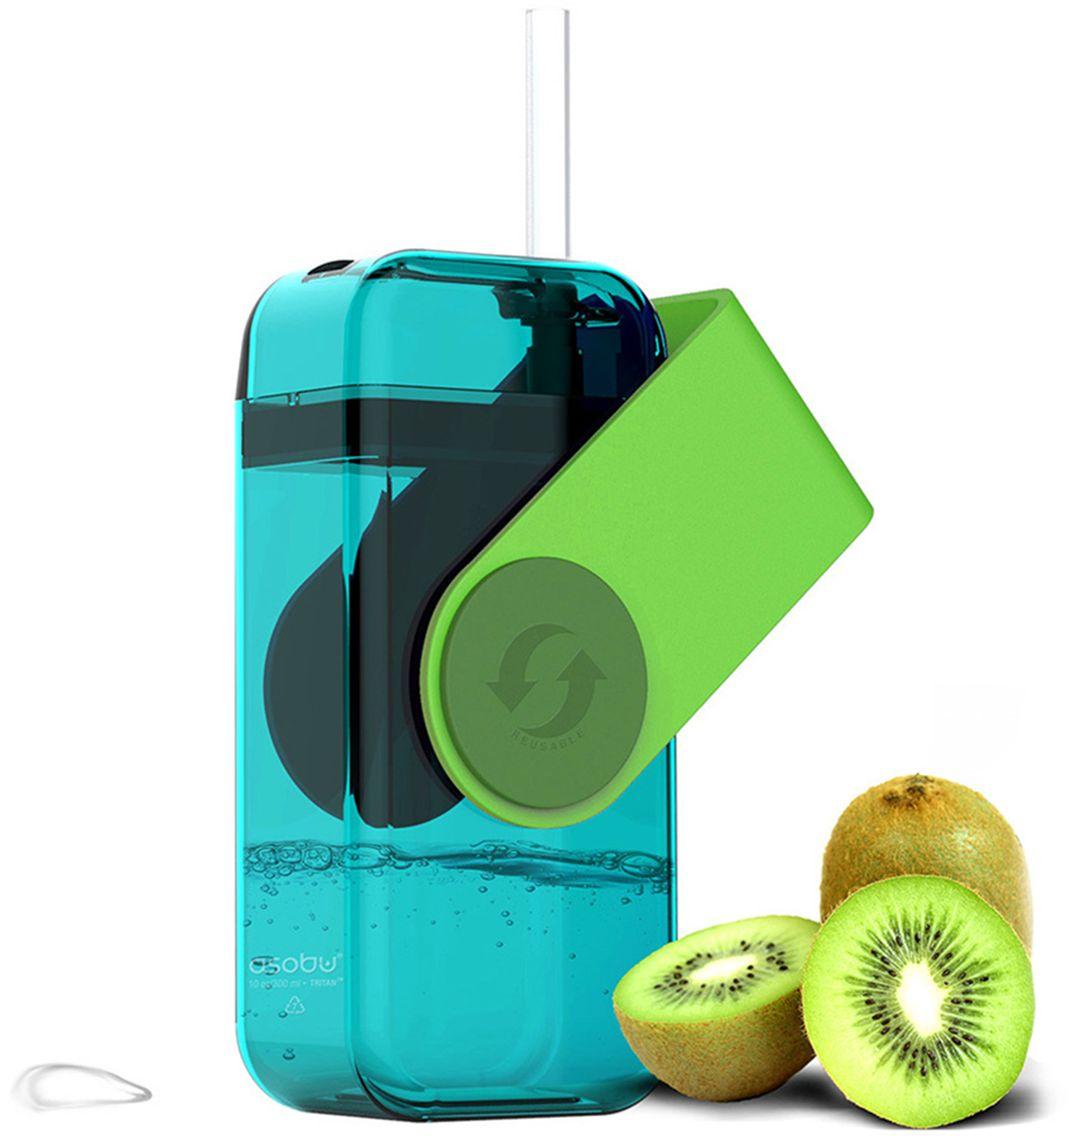 Бутылка Asobu Juicy drink box, цвет: зеленый, 290 млJB300 greenAsobu – бренд посуды для питья, выделяющийся творческим, оригинальным дизайном и инновационными решениями.Asobu разработан Ad-N-Art в Канаде и в переводе с японского означает «весело и с удовольствием». И действительно, только взгляните на каталог представленных коллекций и вы поймете, что Asobu - посуда, которая вдохновляет!Кроме яркого и позитивного дизайна, Asobu отличается и качеством материалов из которых изготовлена продукция – это всегда чрезвычайно ударопрочный пластик и 100% BPA Free.За последние 5 лет, благодаря своему дизайну и функциональности, Asobu завоевали популярность не только в Канаде и США, но и во всем мире!Пора мыслить нестандартно!Juicy drink box вышел за пределы стандартных бутылок для напитков! Многоразовый бокс для напитков эргономичной формы, изготовленный из экологически чистого и полностью перерабатываемого материала. Идеально подходит для сока или воды. Эта серия боксов особенно придется по вкусу детям.Рекомендация по использованию: перед тем, как закрывать наполненный бокс, наклоните и прижмите силиконовою трубочку к крышке, тем самым вы заблокируете отверстие в трубочке и при закрывании крышки напиток не прольется.Перед использованием рекомендуем посмотреть видео и ознакомиться с инструкцией по применению.